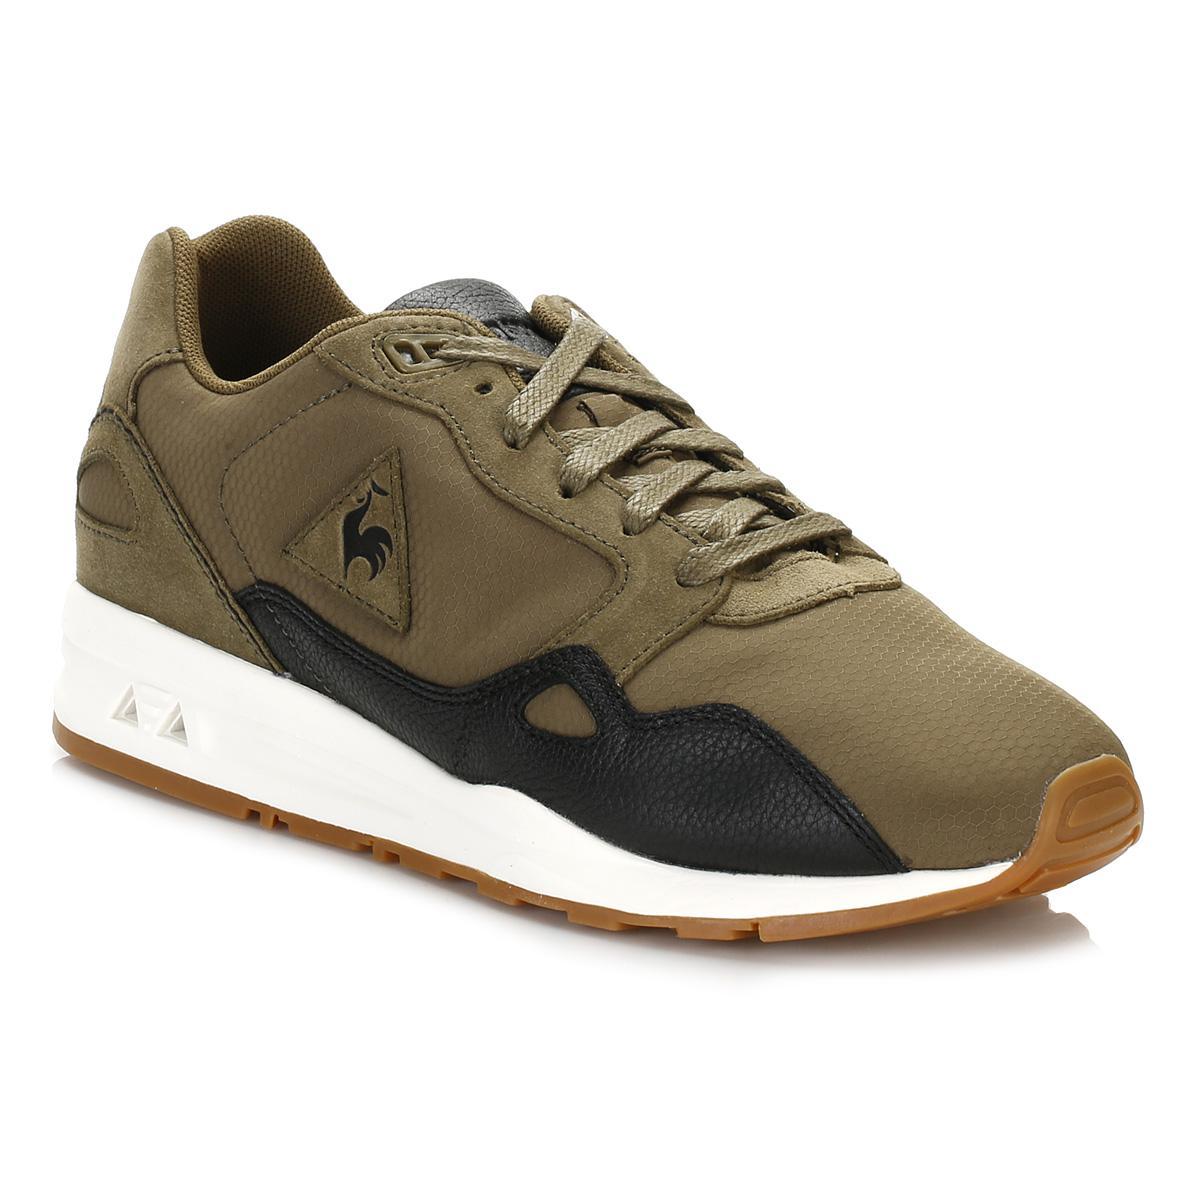 LCS R900 C WINTER - FOOTWEAR - Low-tops & sneakers Le Coq Sportif Hw7DJhK